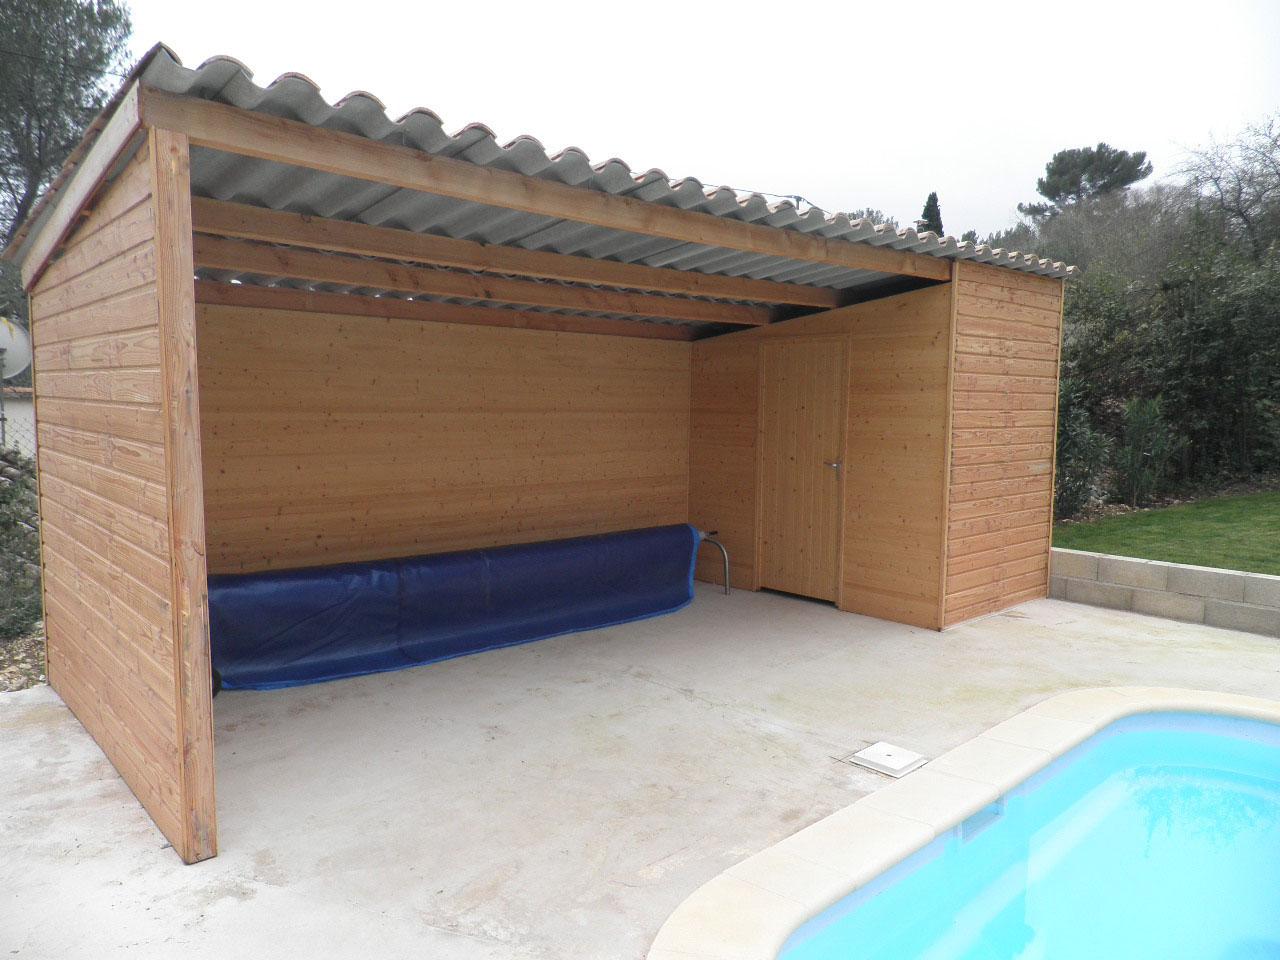 Apx bois concept abri de piscine for Piscine concept bois